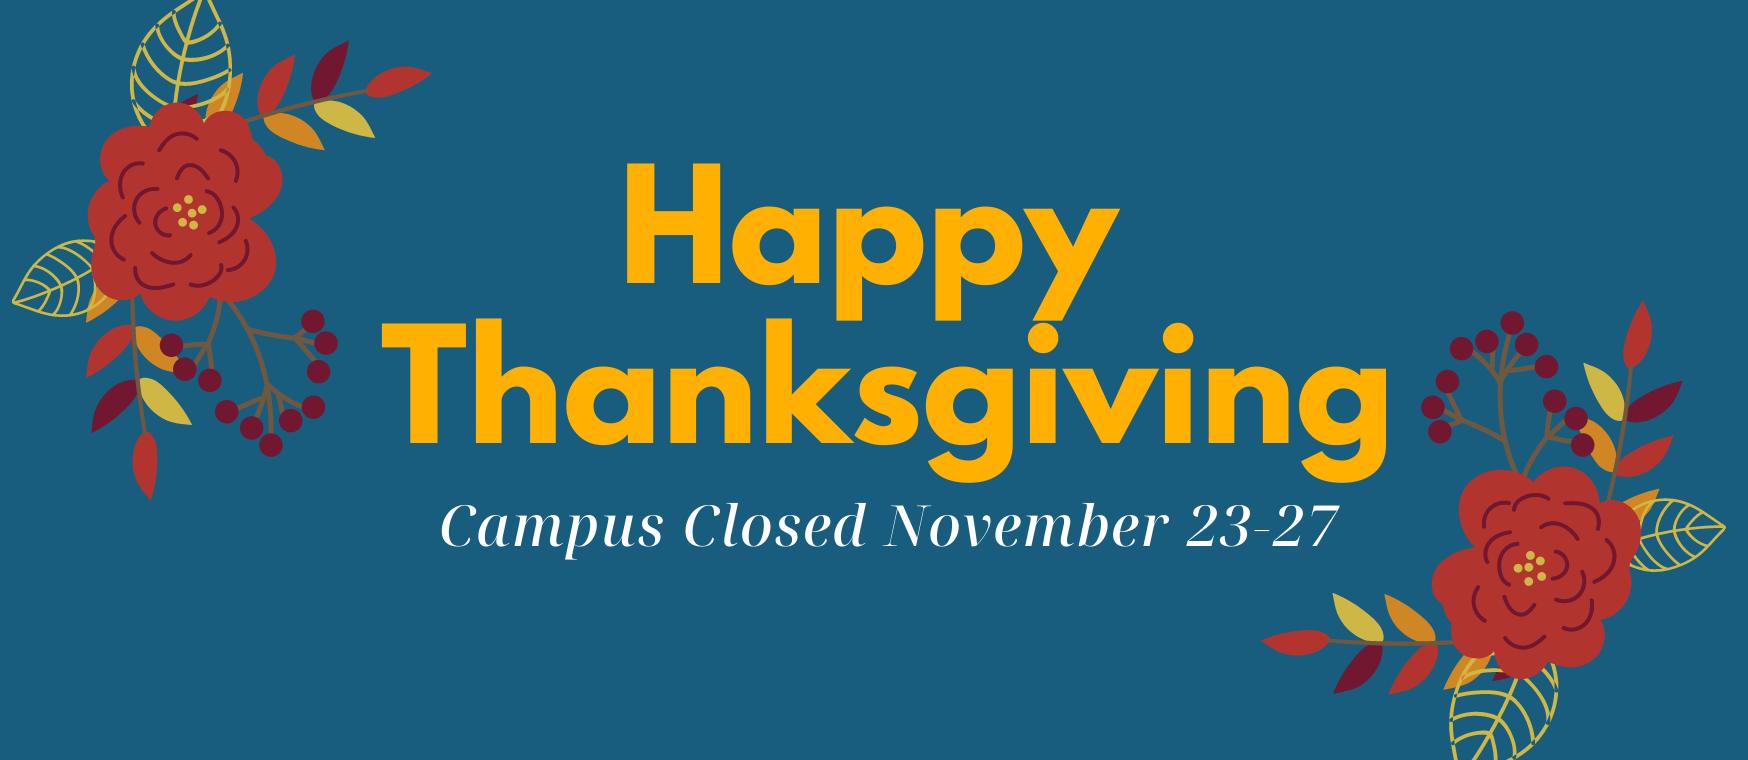 Thanksgiving Break November 23-27